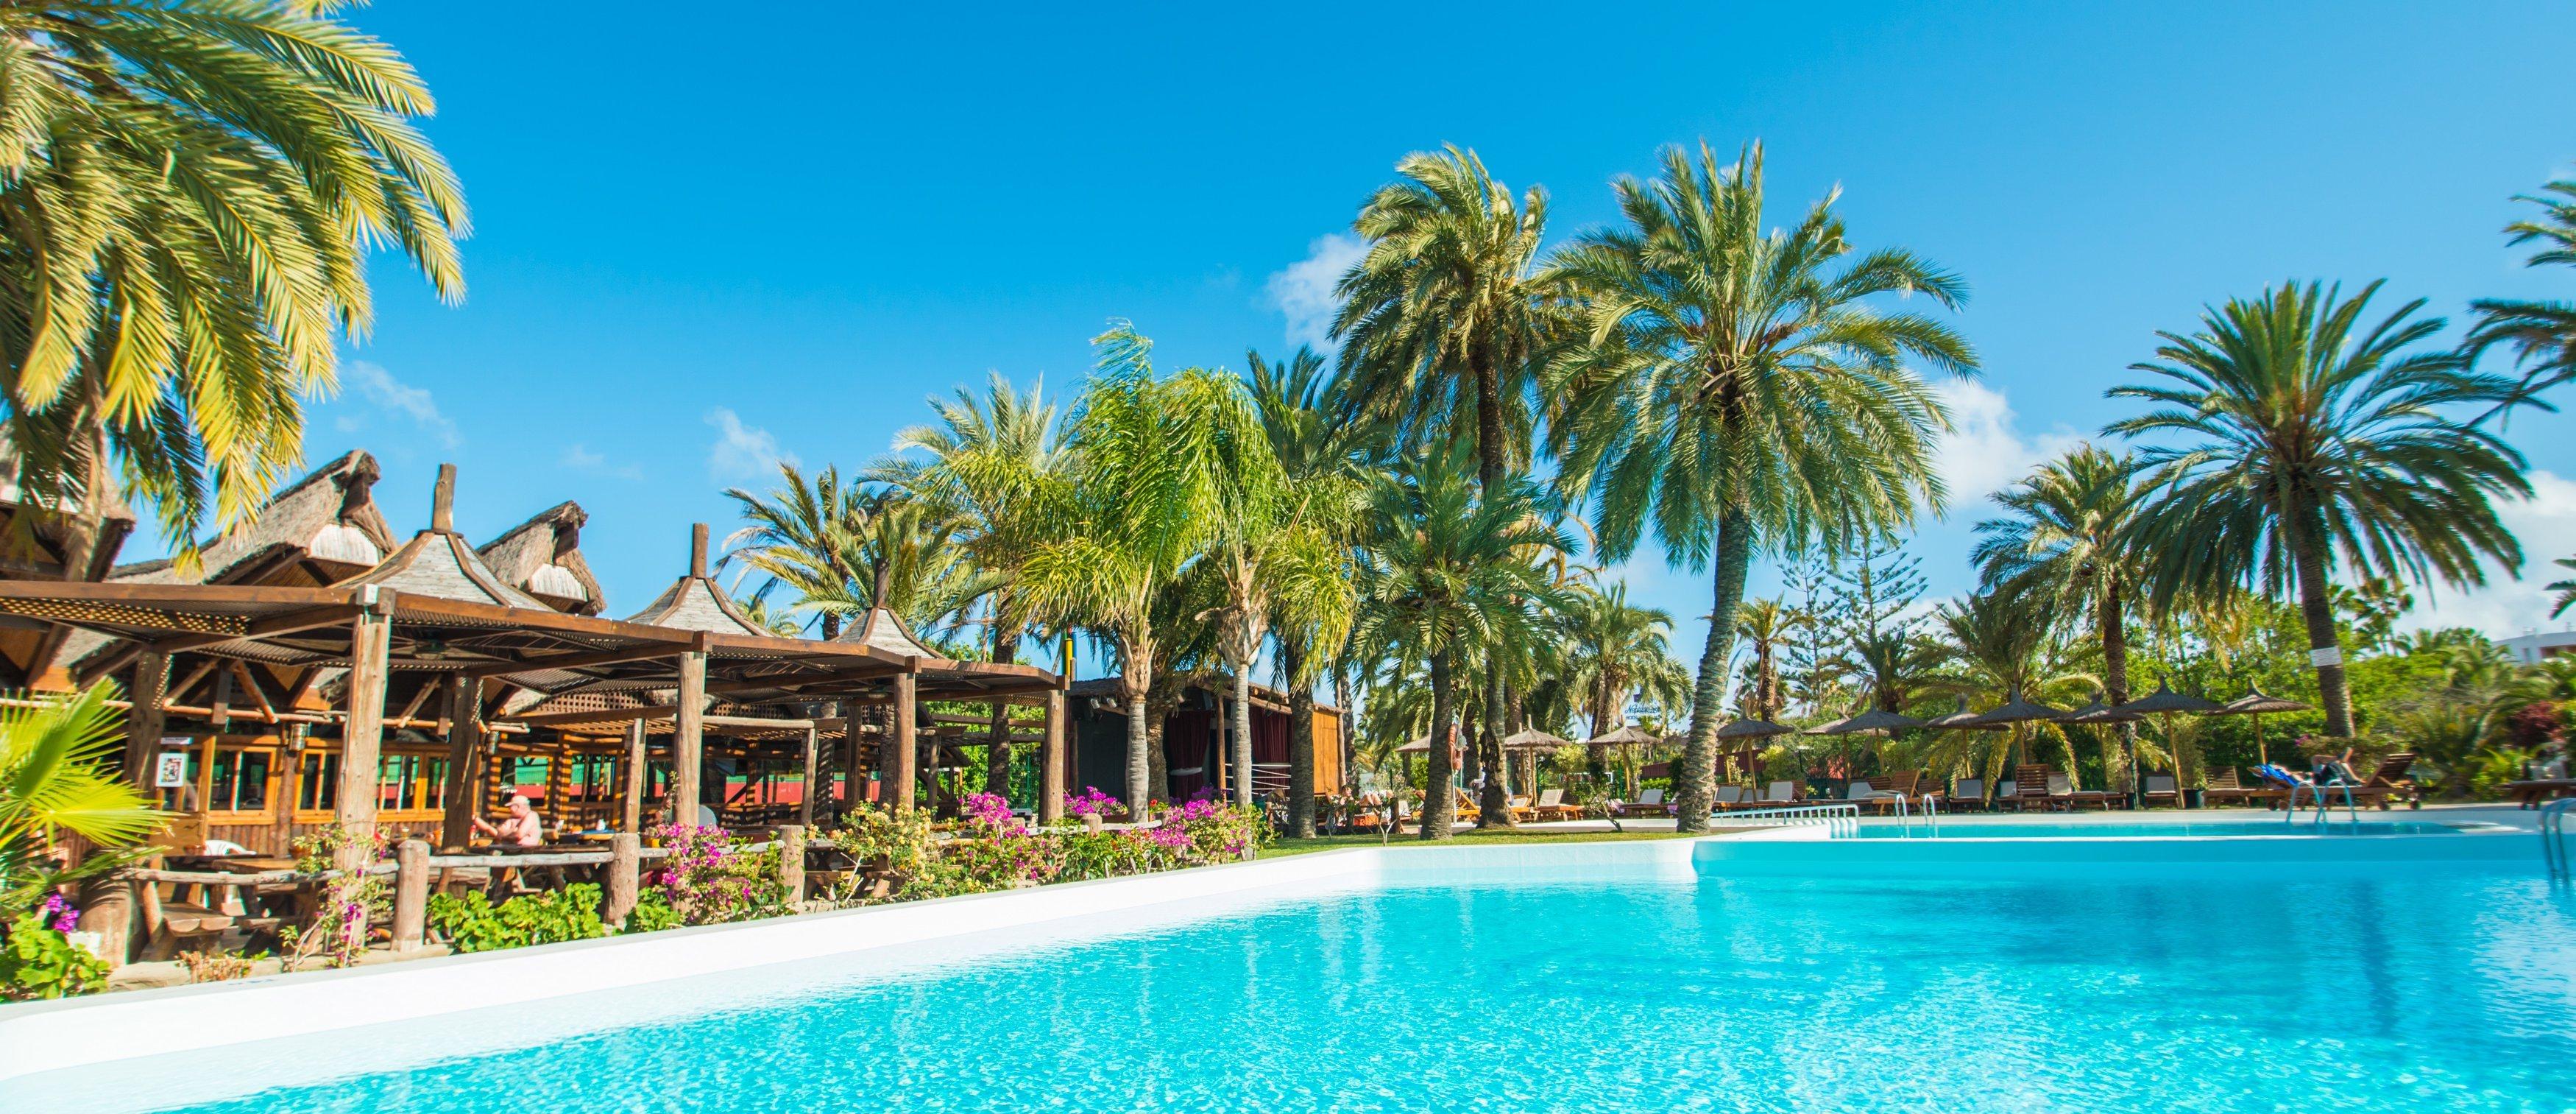 Hotel Miraflor Gran Canaria